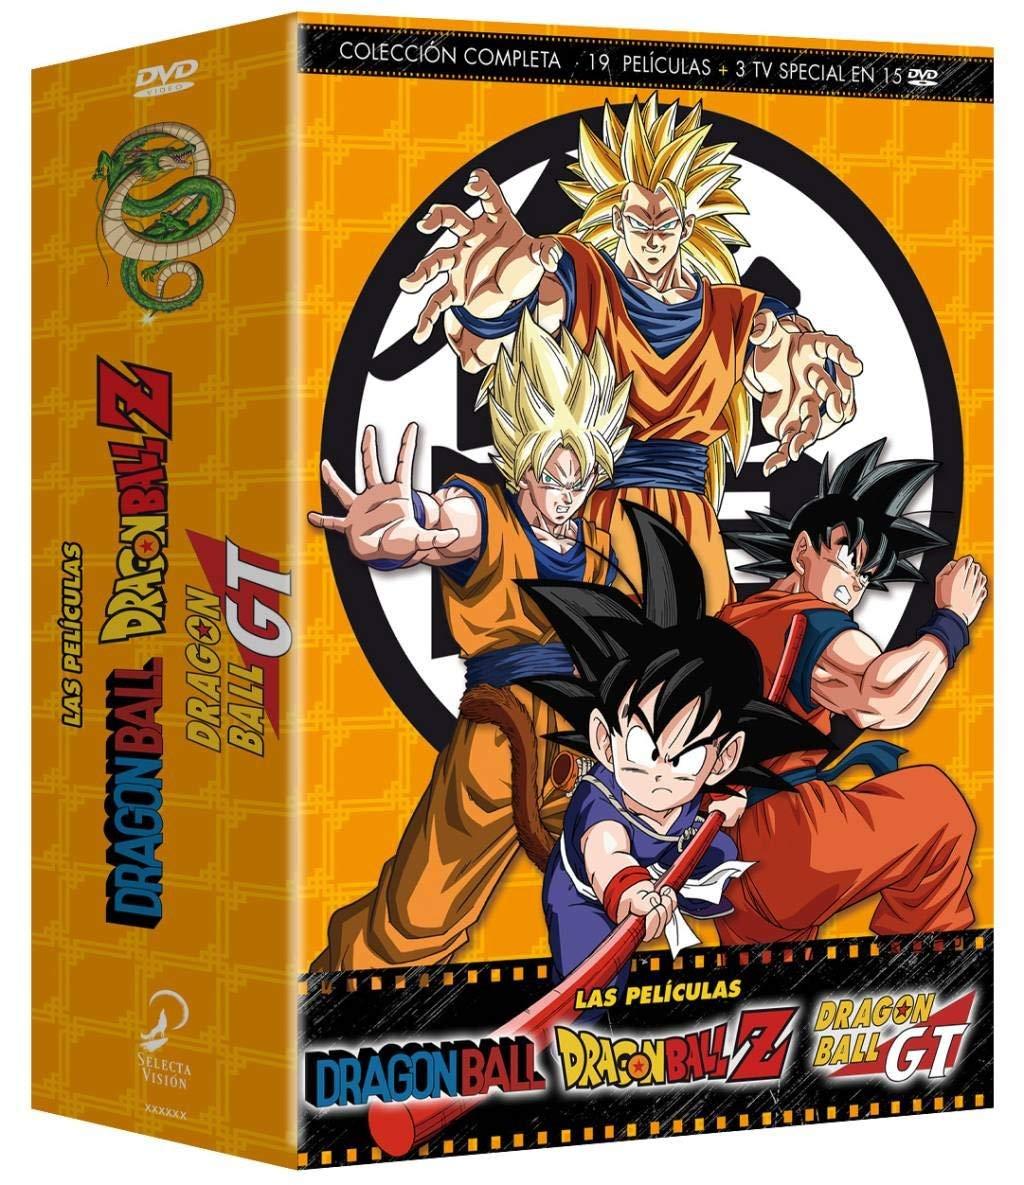 Dragon Ball Z Las Películas Colección Completa [DVD] imagen